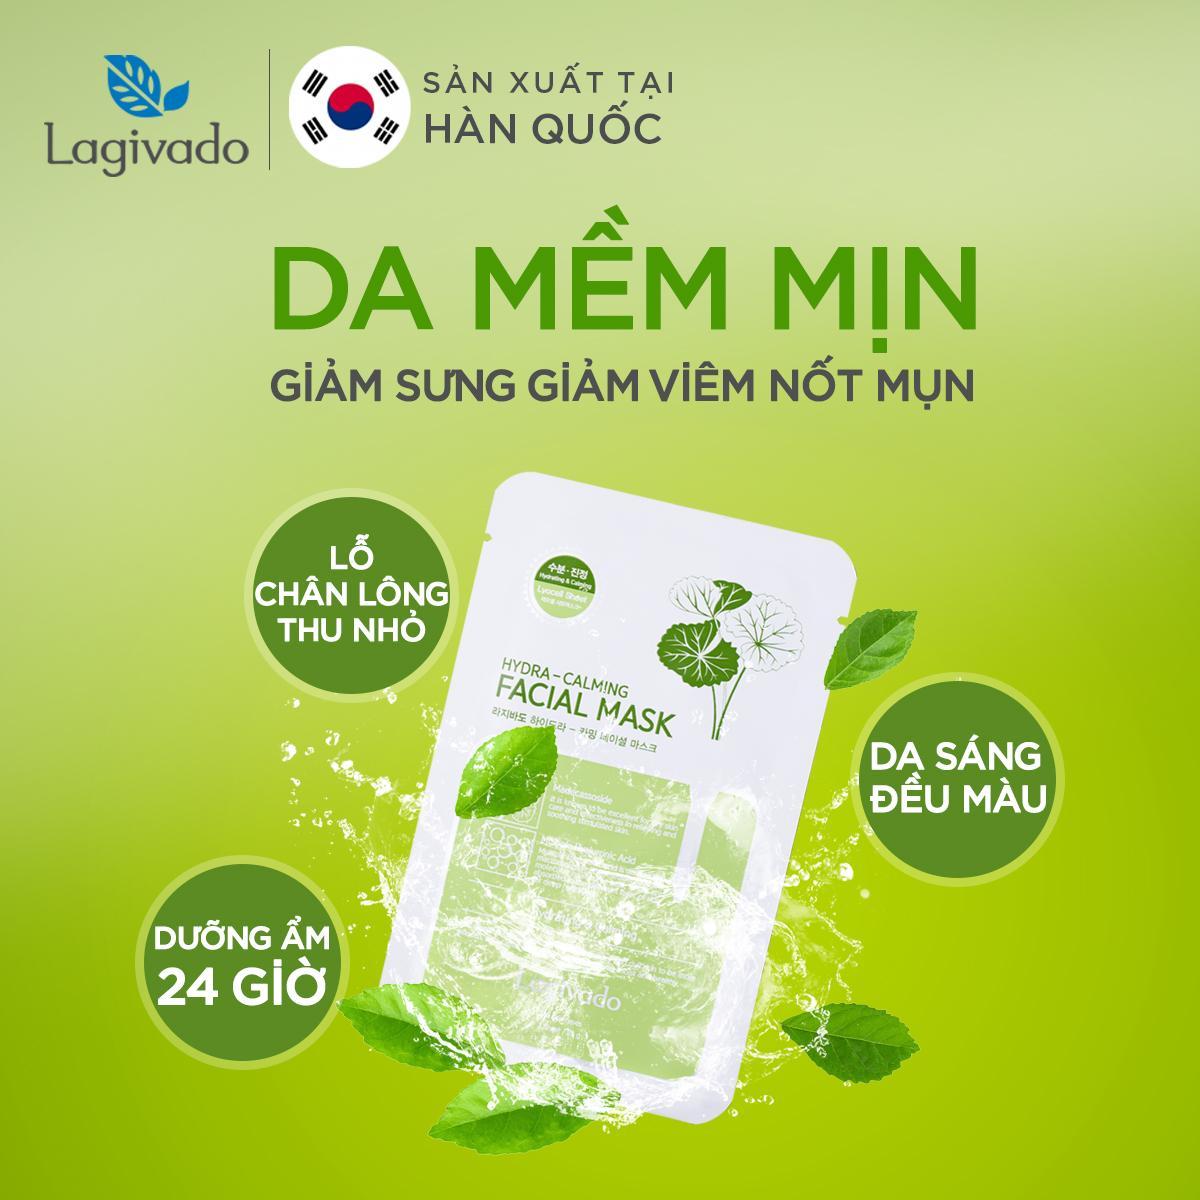 Combo 10 Mặt nạ dưỡng ẩm, trắng sáng da Hàn Quốc chính hãng Lagivado đắp mặt thư giãn, làm dịu da, cho làn da căng bóng và mềm mịn Hydra Calming Facial Mask dạng giấy